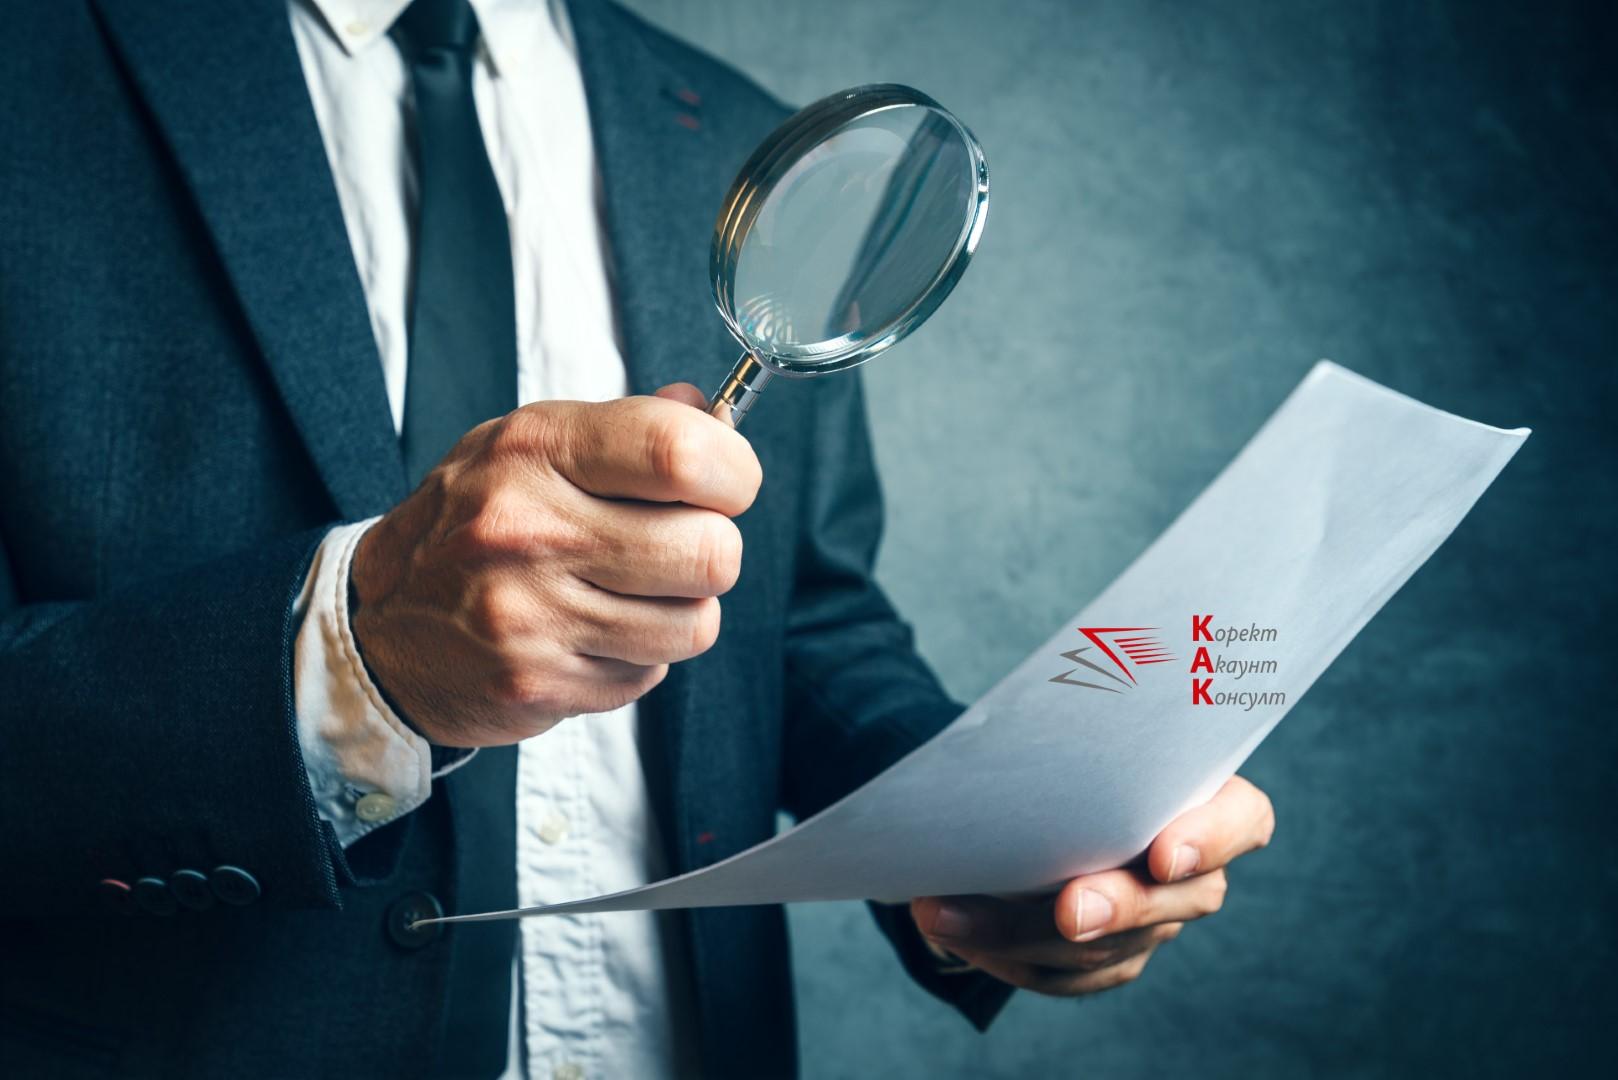 НАП проверява 13 000 фирми с нелогично високи материални запаси